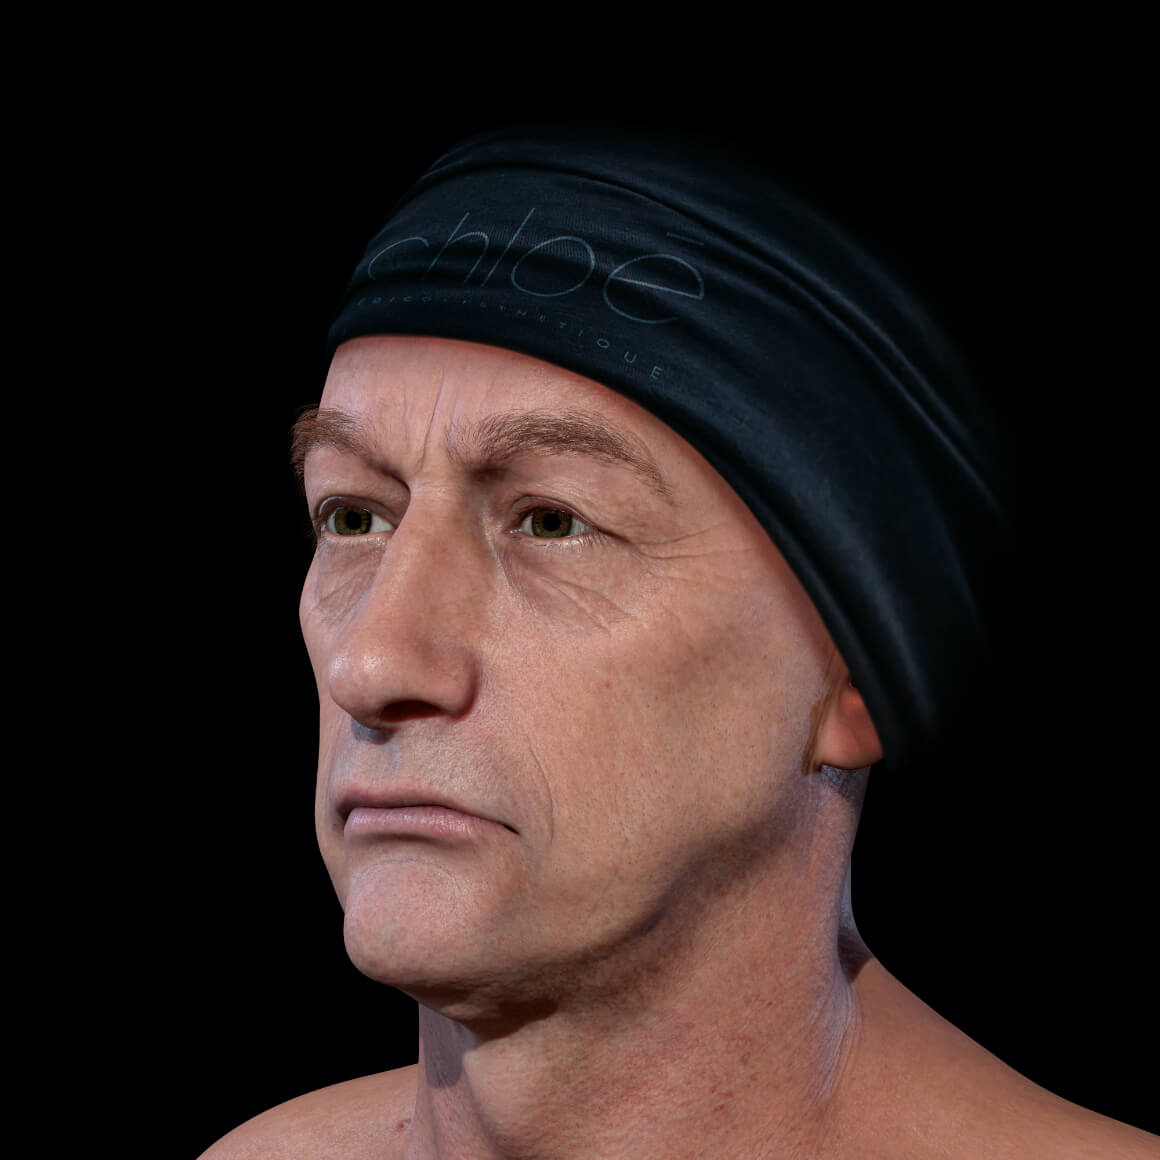 Patient de la Clinique Chloé positionné en angle après des traitements au laser Fotona 4D pour le raffermissement du visage